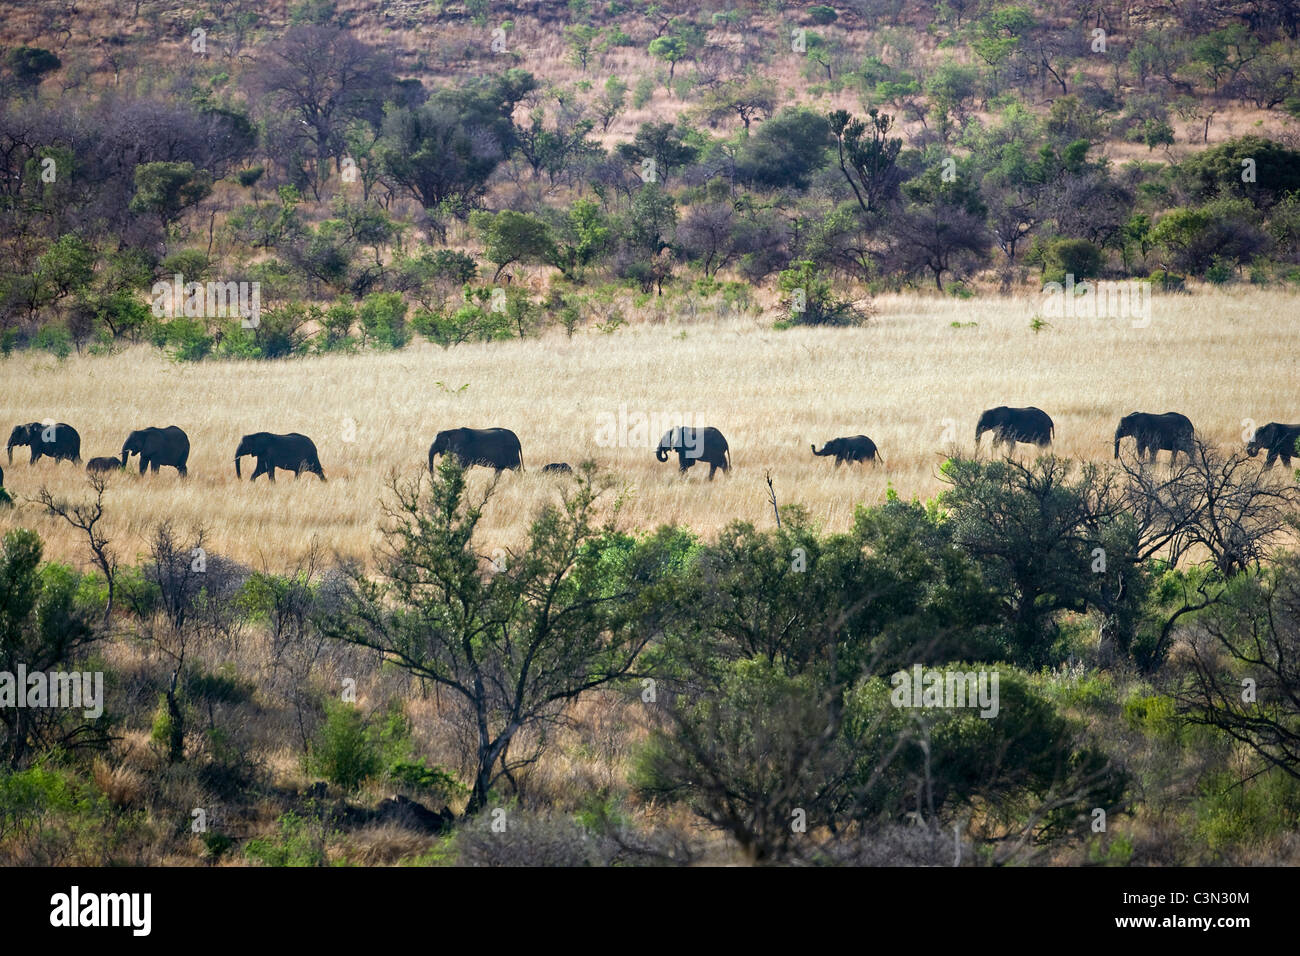 Sudáfrica, cerca de Rustenburg, el Parque Nacional Pilanesberg. Manada de elefantes africanos, Loxodonta africana. Imagen De Stock